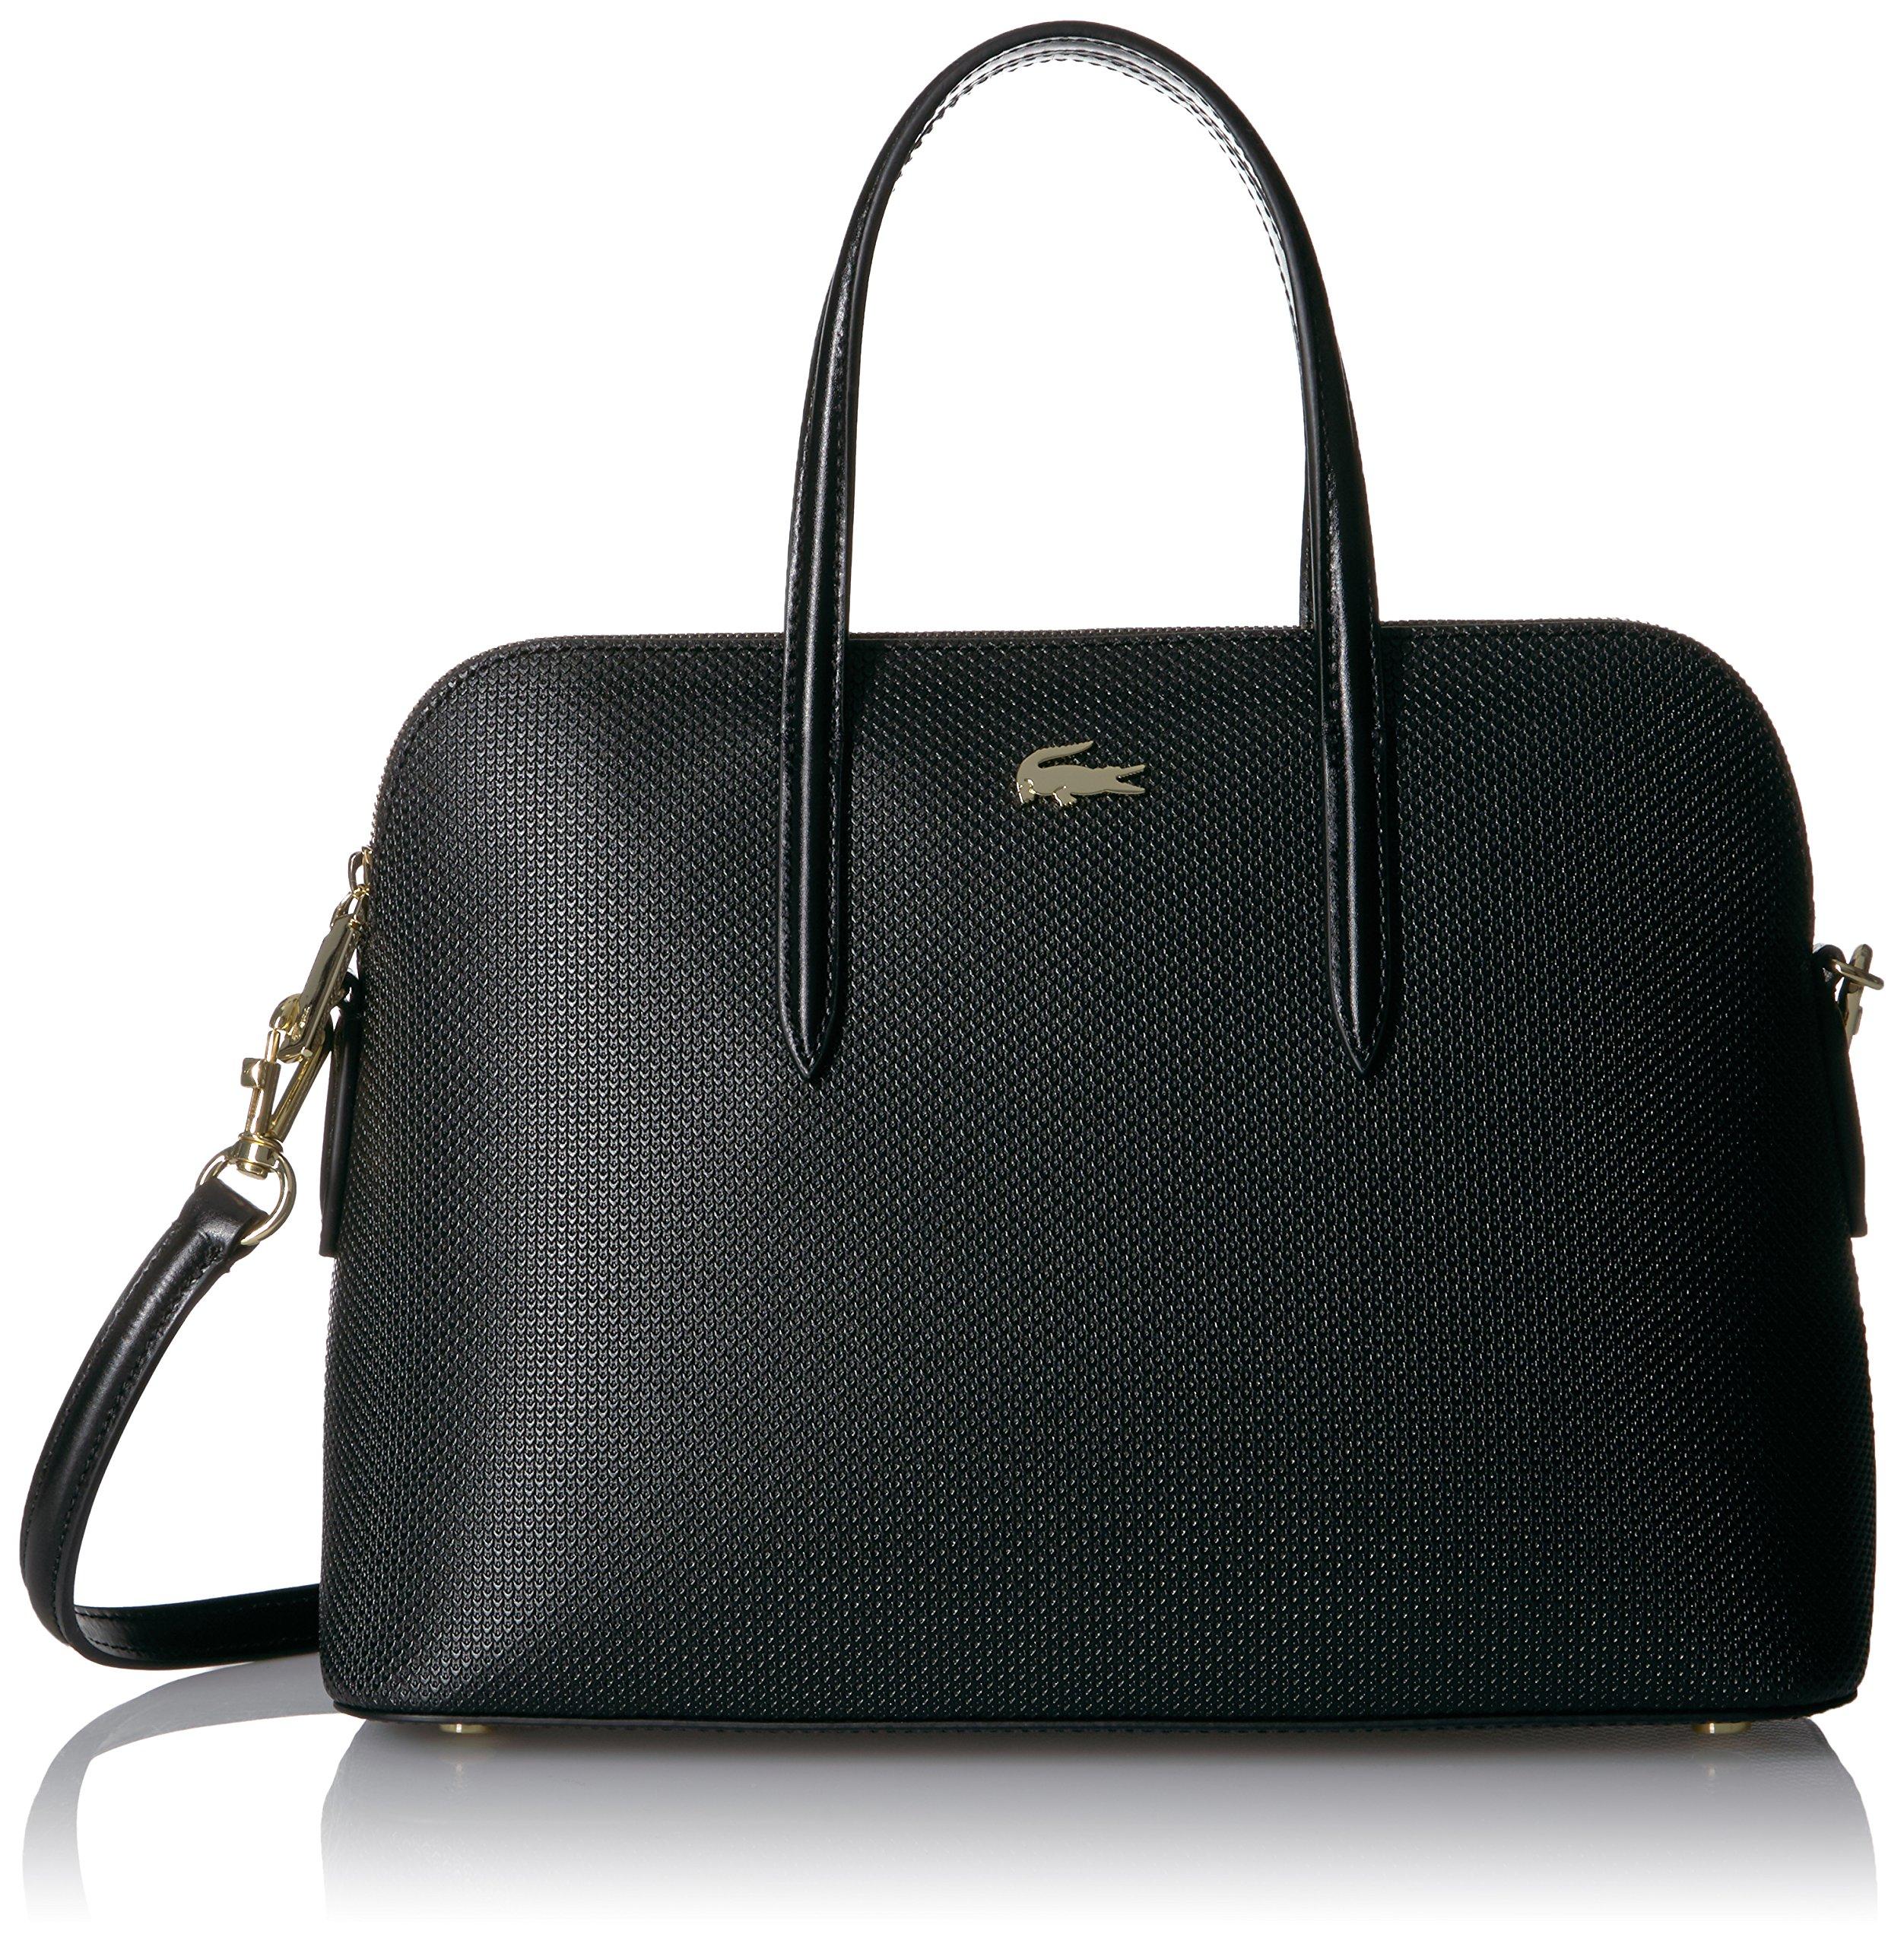 Lacoste Chantaco Small Bugatti Bag